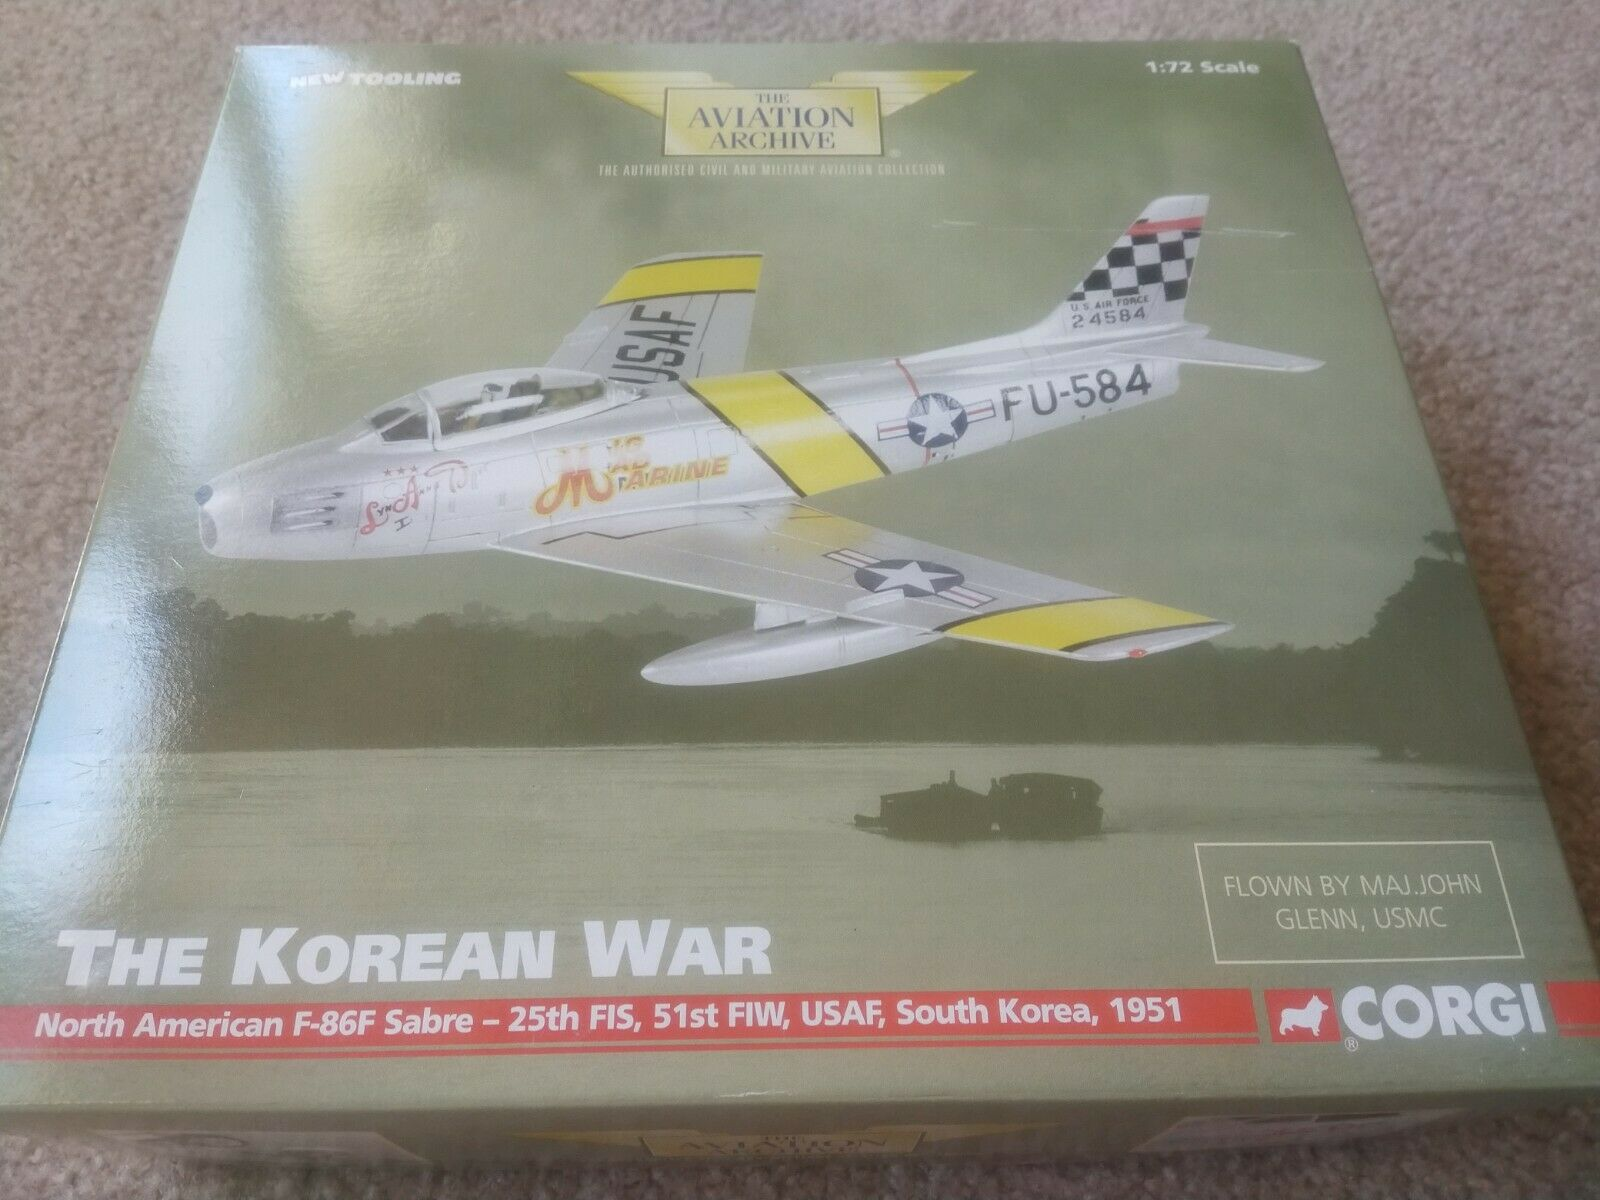 CORGI AA35801 F-86F SABRE le Major John Glenn USMC la guerre de Corée